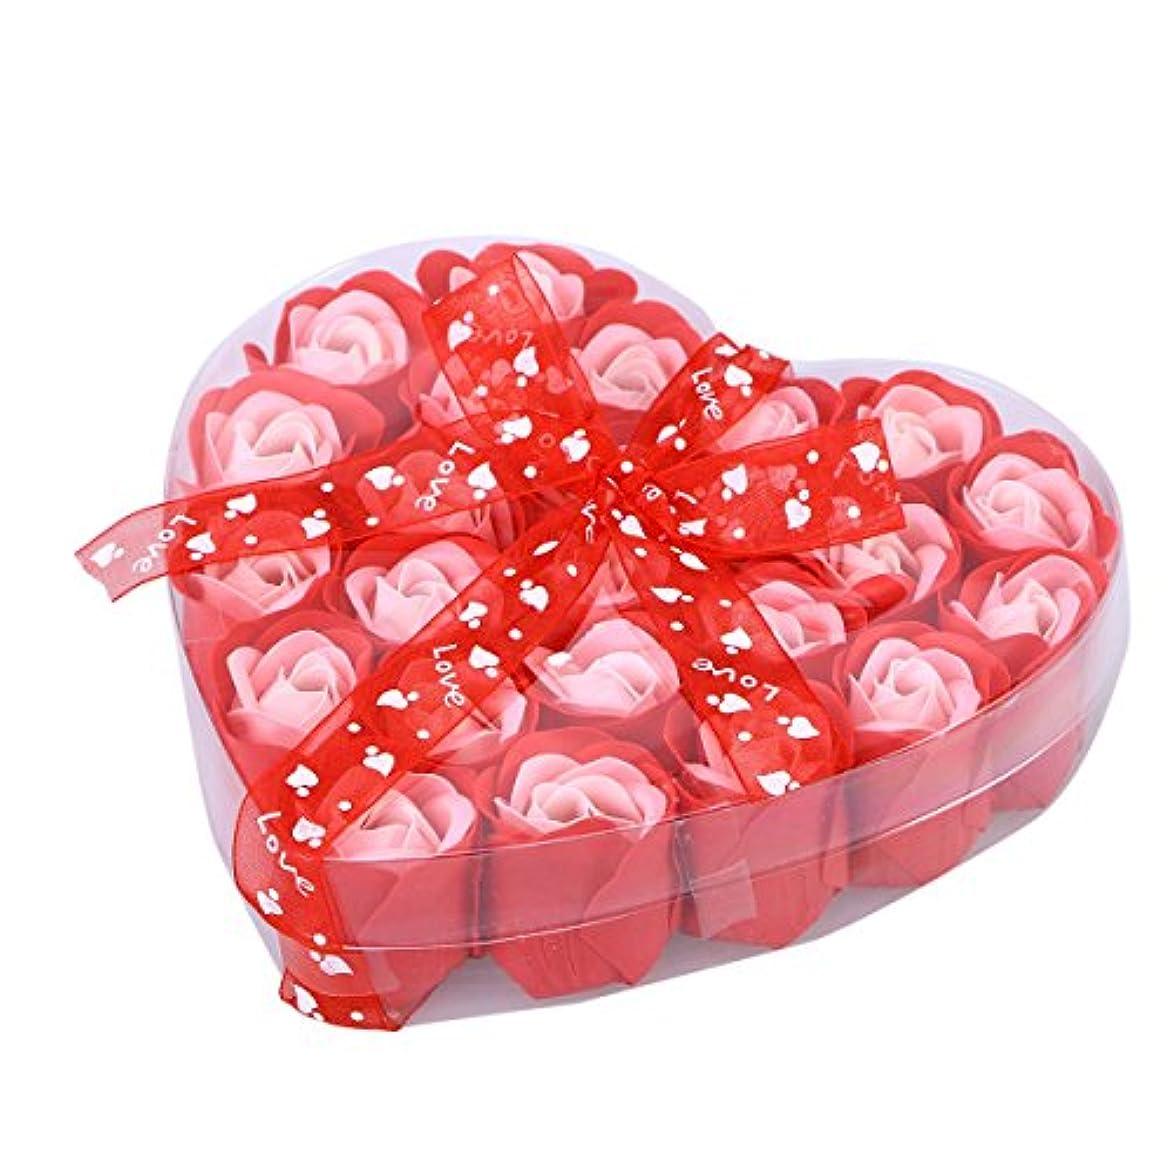 意志スピーカーオセアニアHealifty バレンタインデーのハートボックスに香りの石鹸バラの花びら(ランダムリボン)24個